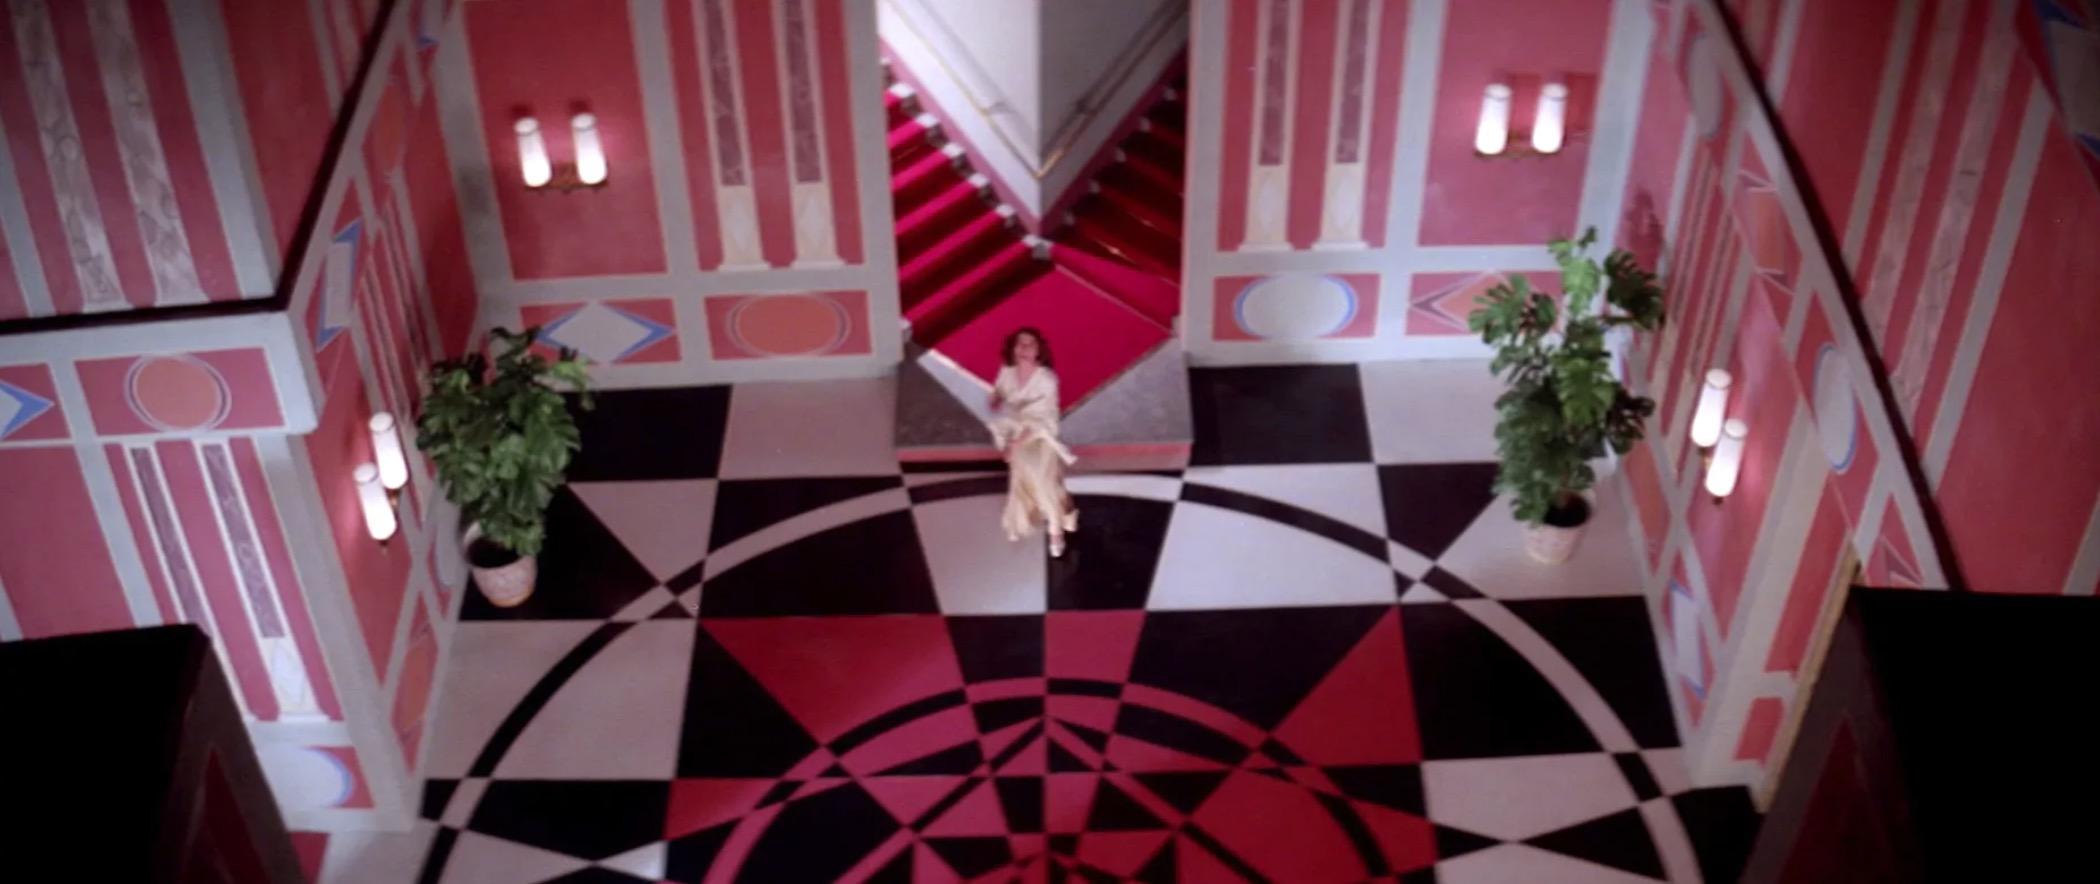 Dario Argento's 1977 Suspiria, a horror masterpiece.